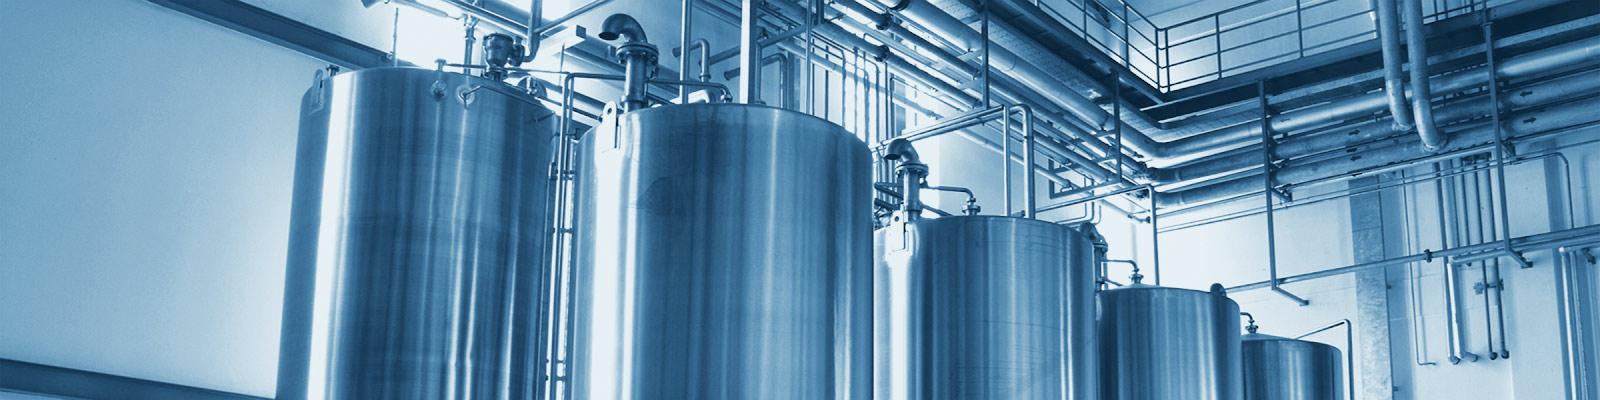 Холодоснабжение молочной промышленности